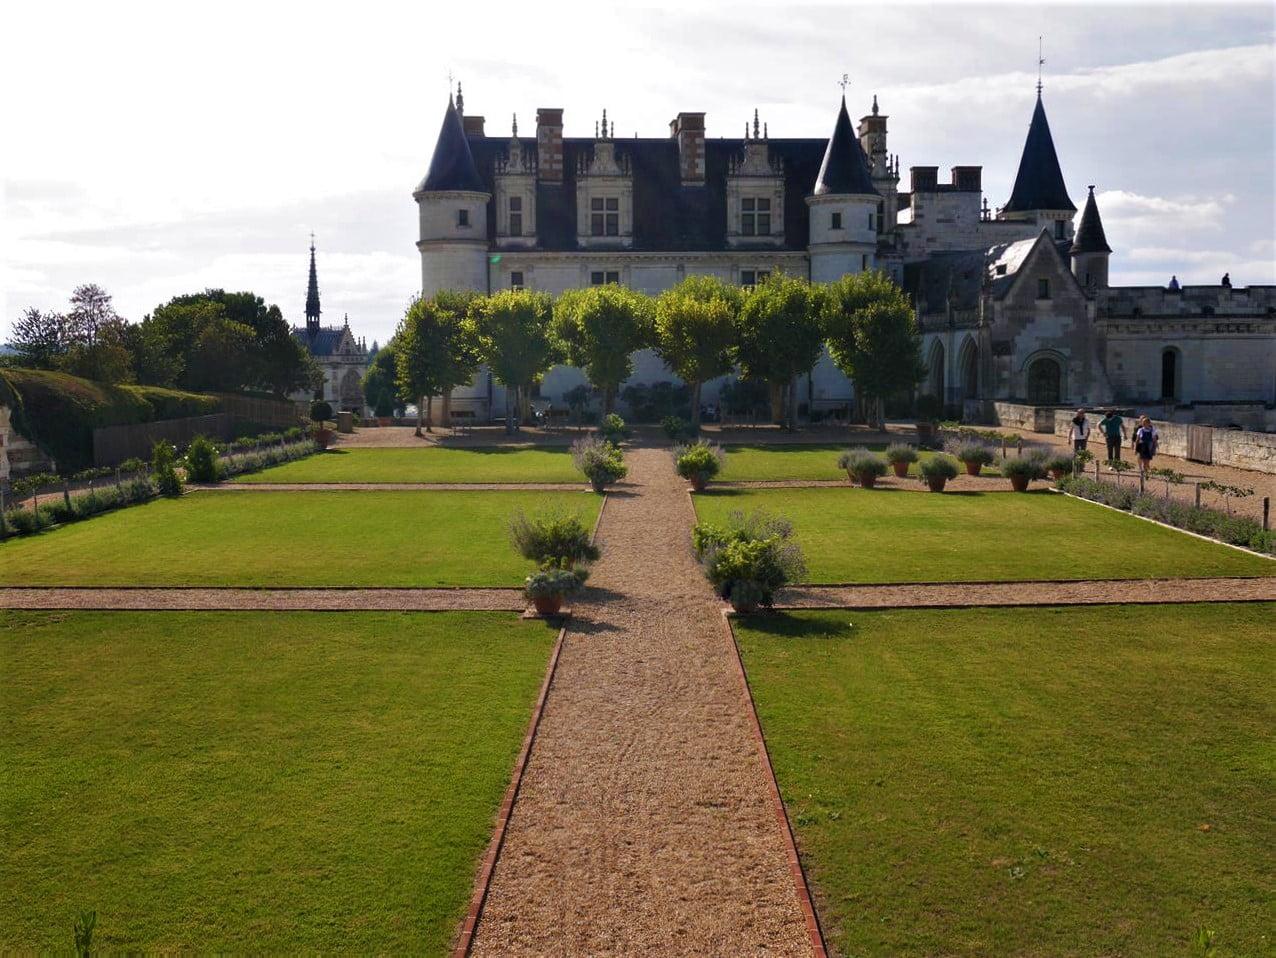 羅亞爾河昂布瓦斯(Amboise)